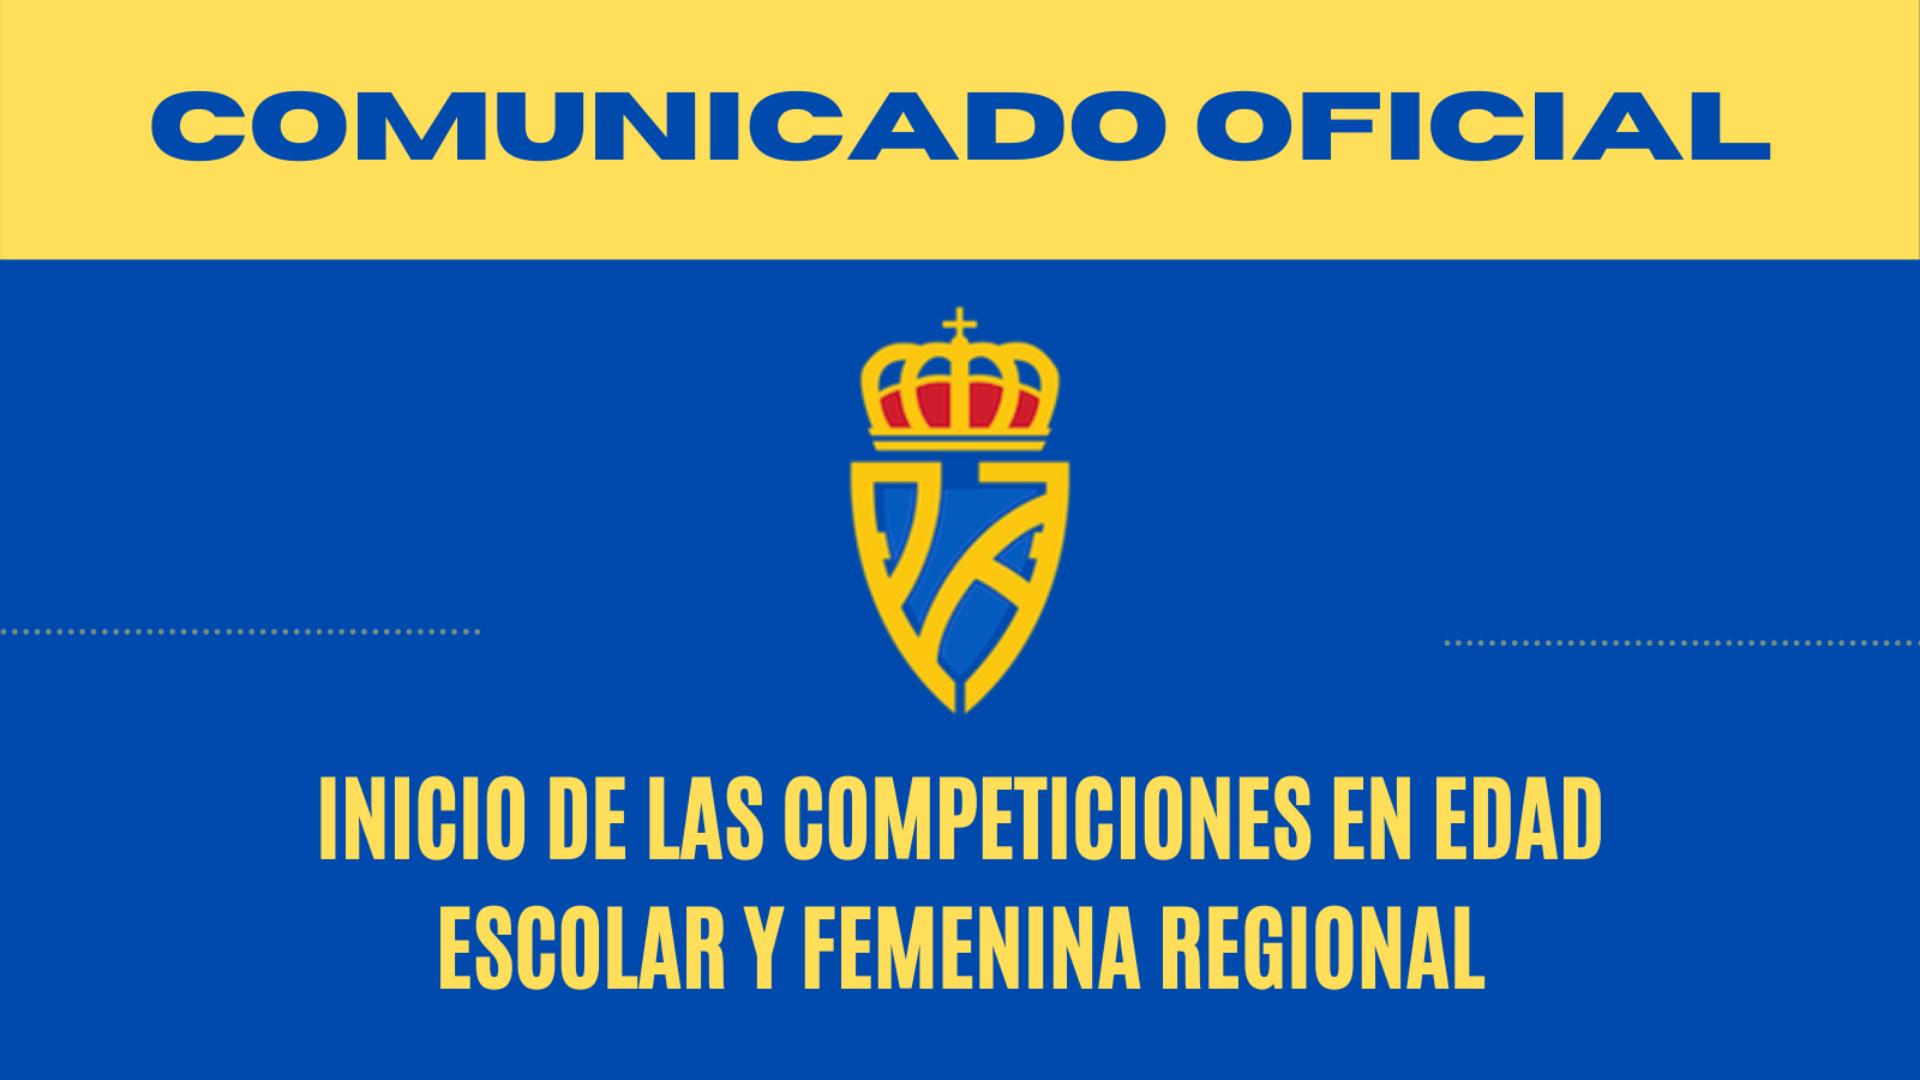 La RFFPA confirma en un Comunicado que no es posible el inicio de las Competiciones en Edad Escolar y que se aplaza el inicio de la Liga Femenino Regional